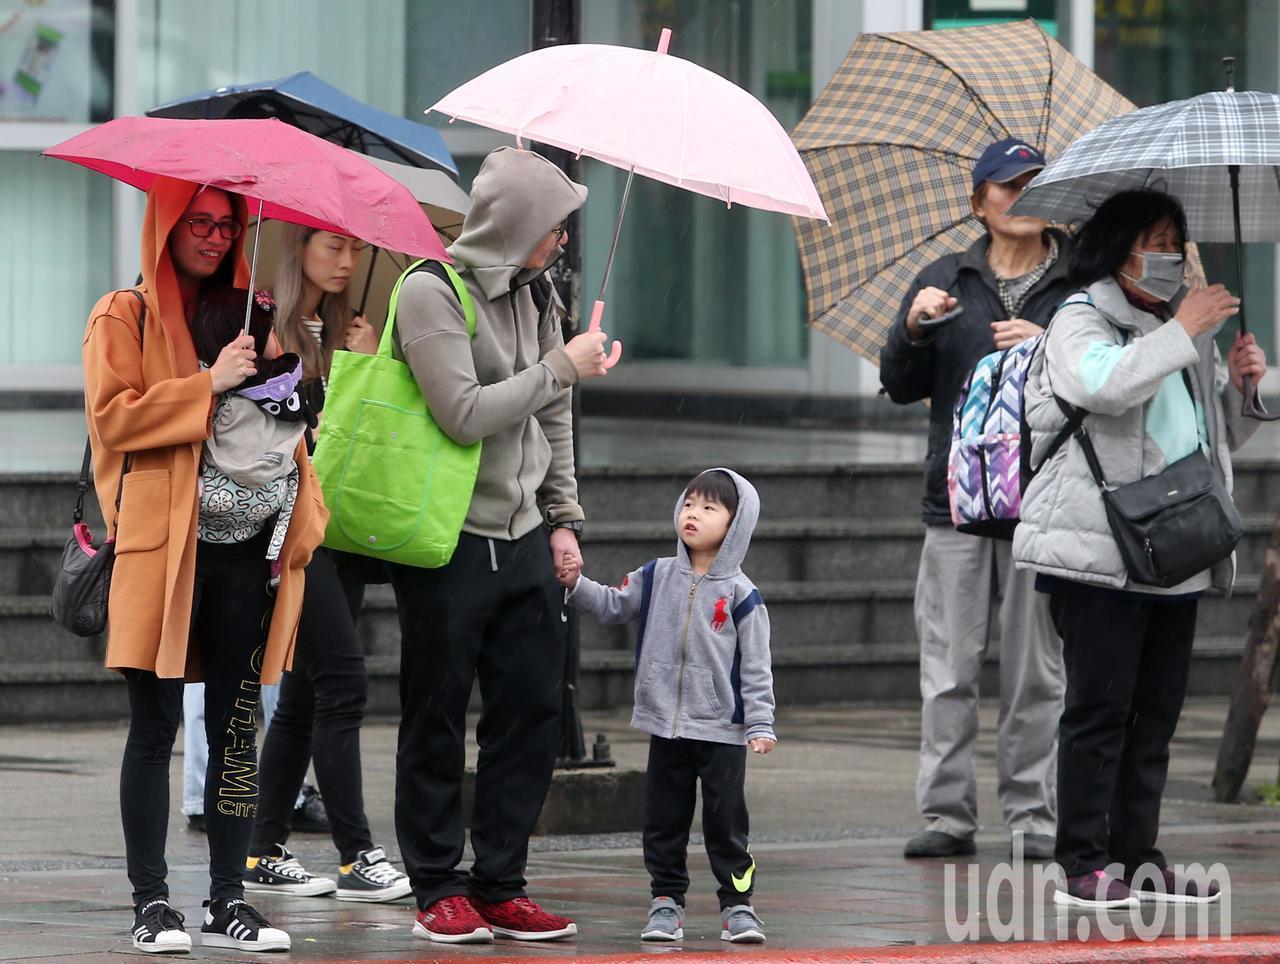 中央氣象局說,受到鋒面在台灣附近生成並緩慢通過影響,凌晨開始西半部及東北部出現了...